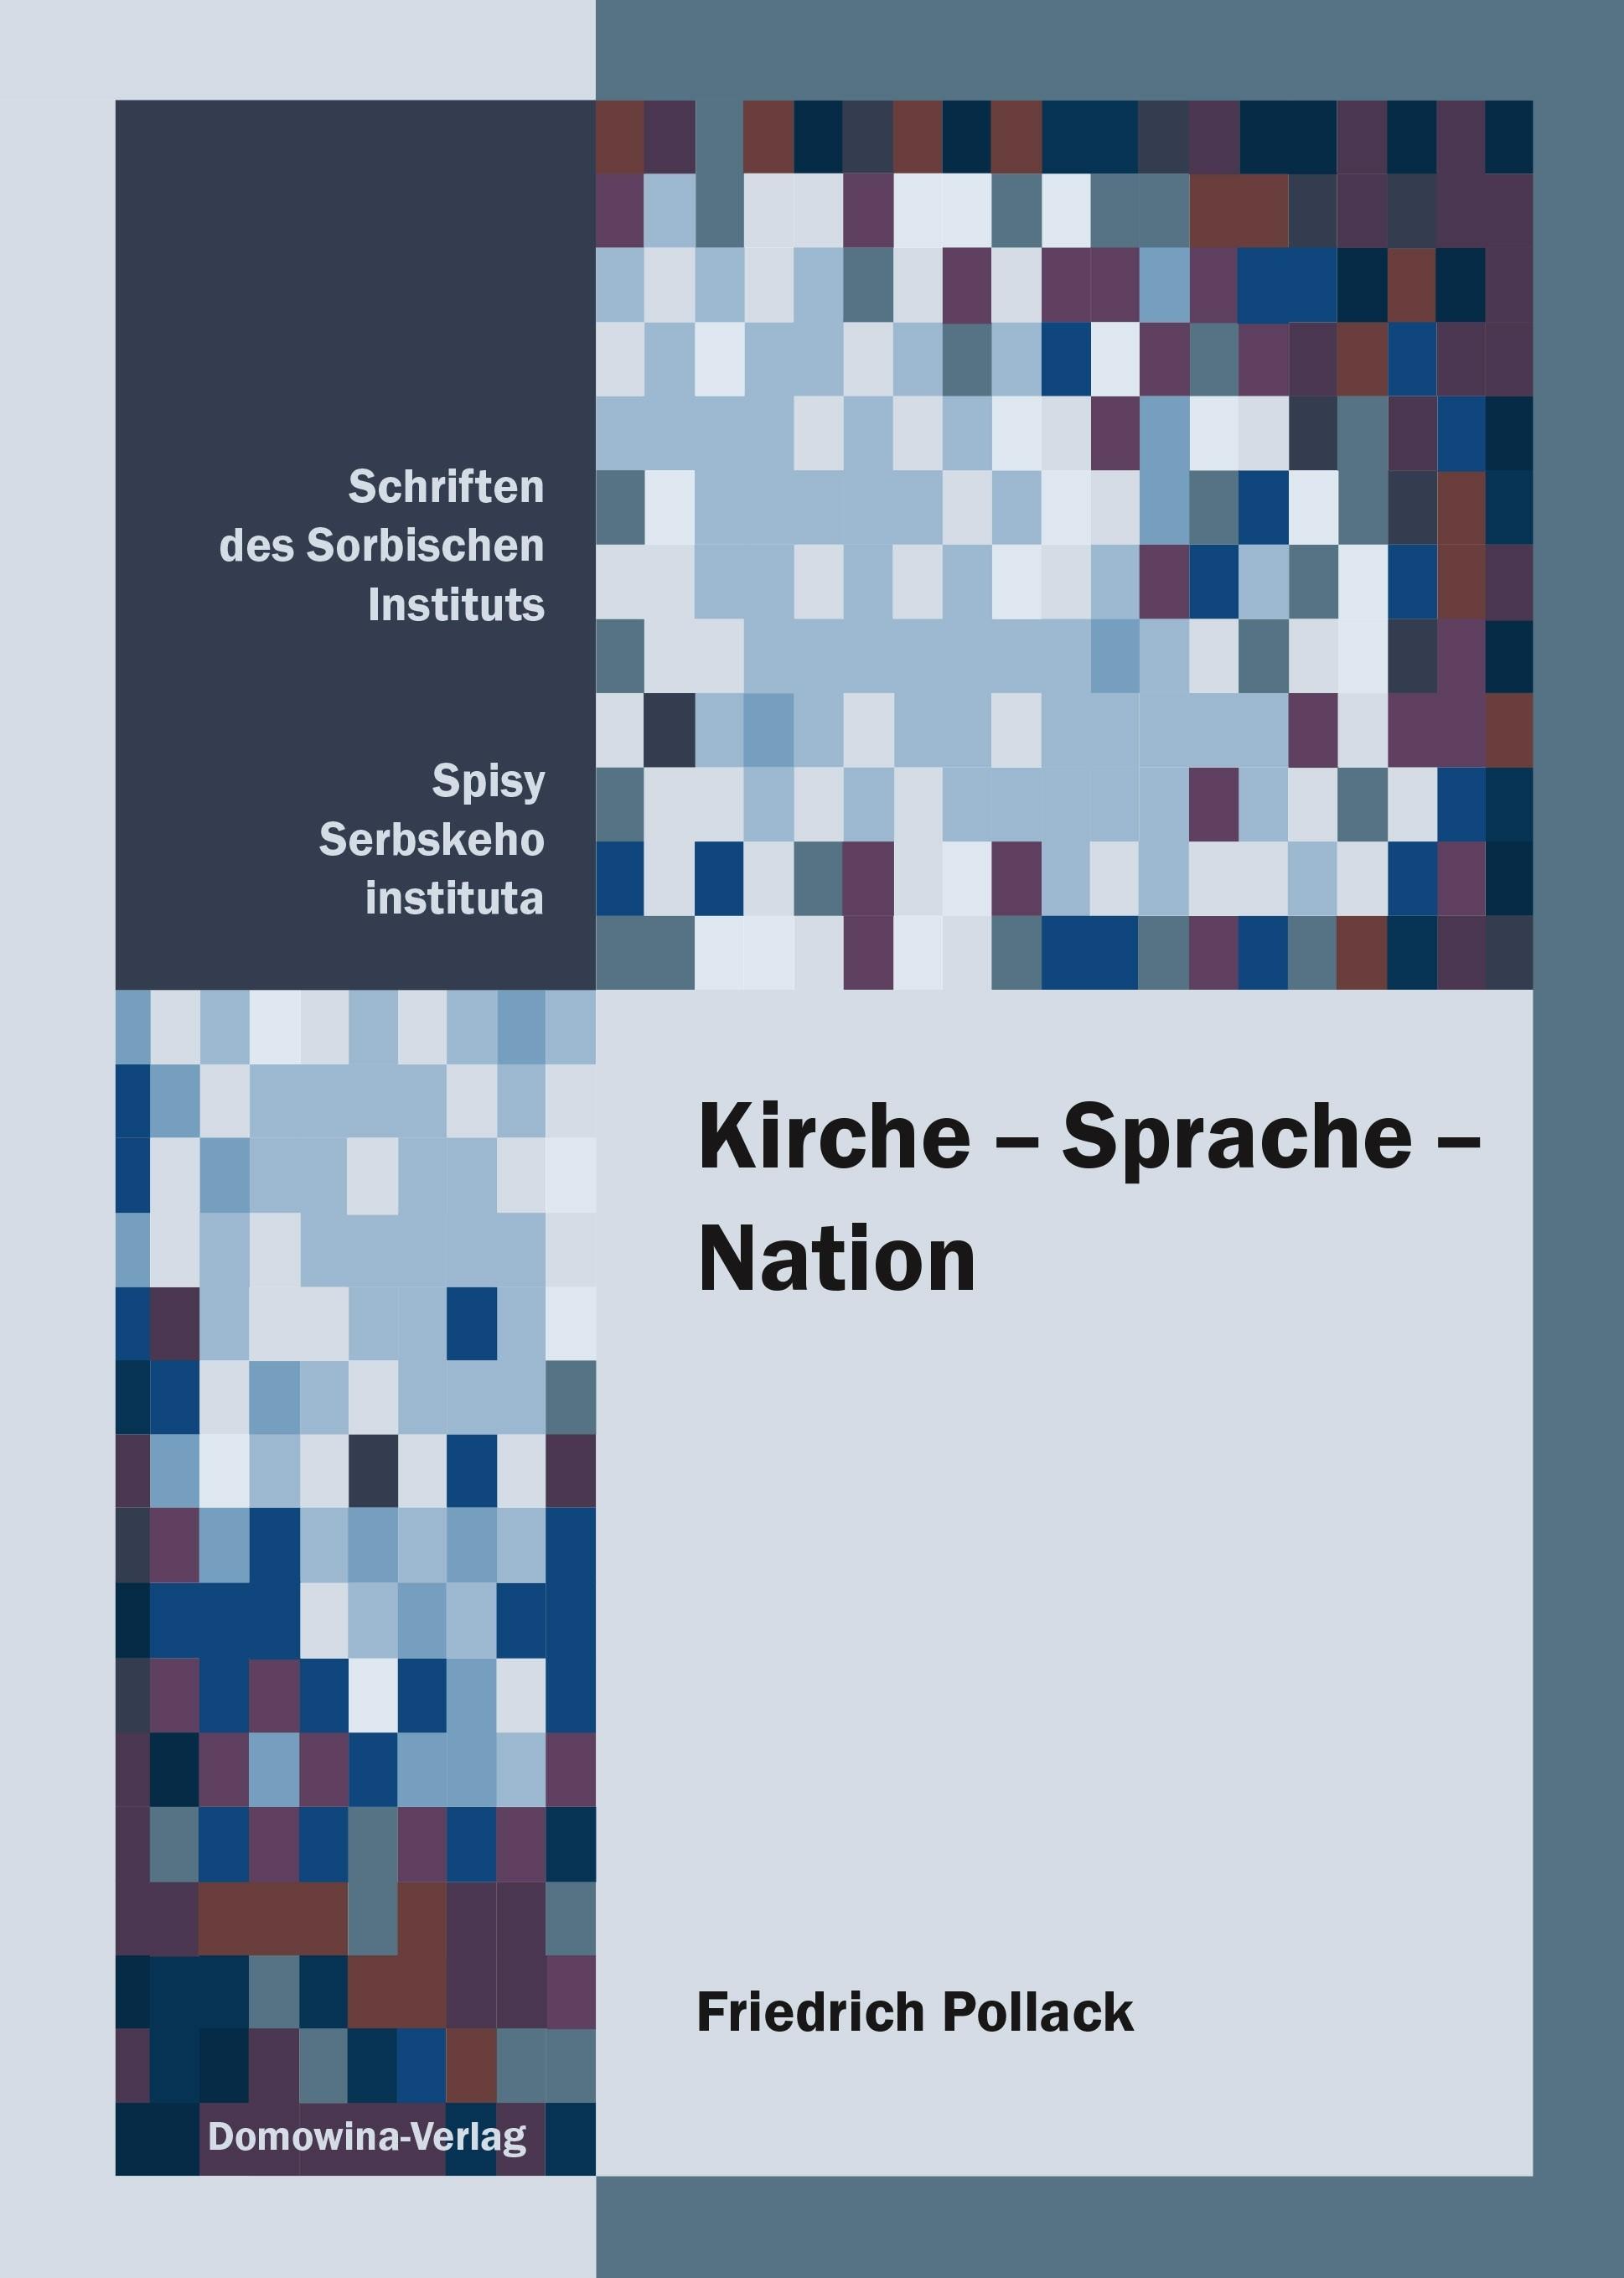 Kirche – Sprache – Nation